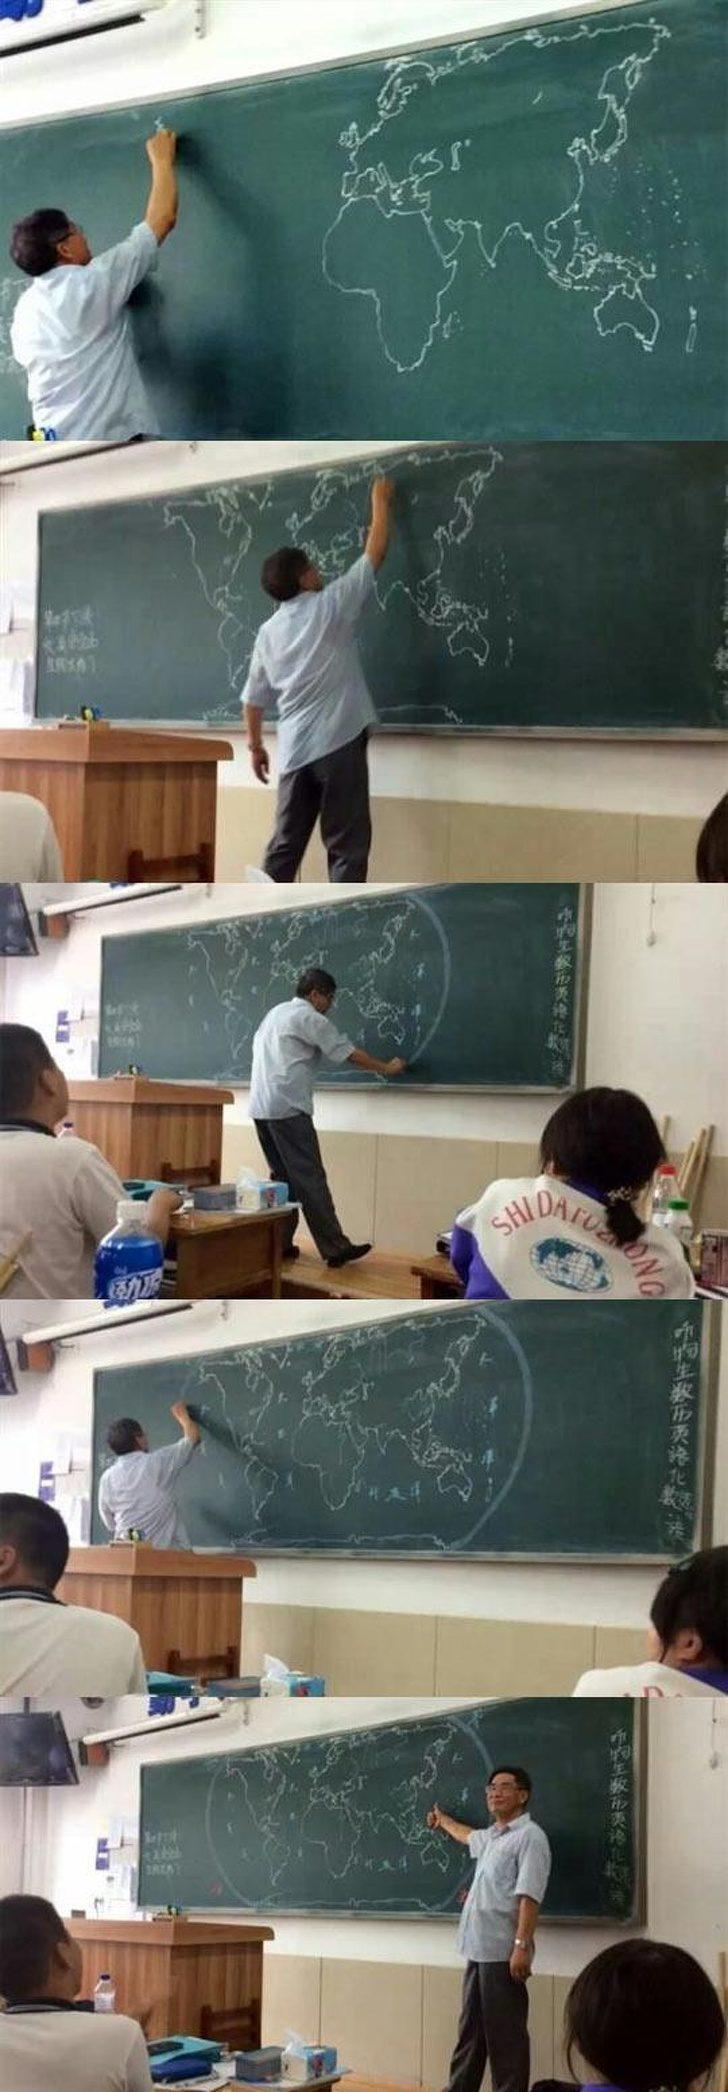 21個讓學生們「早八也捨不得蹺課」的無敵老師 能「徒手畫出世界地圖」的老師都是神